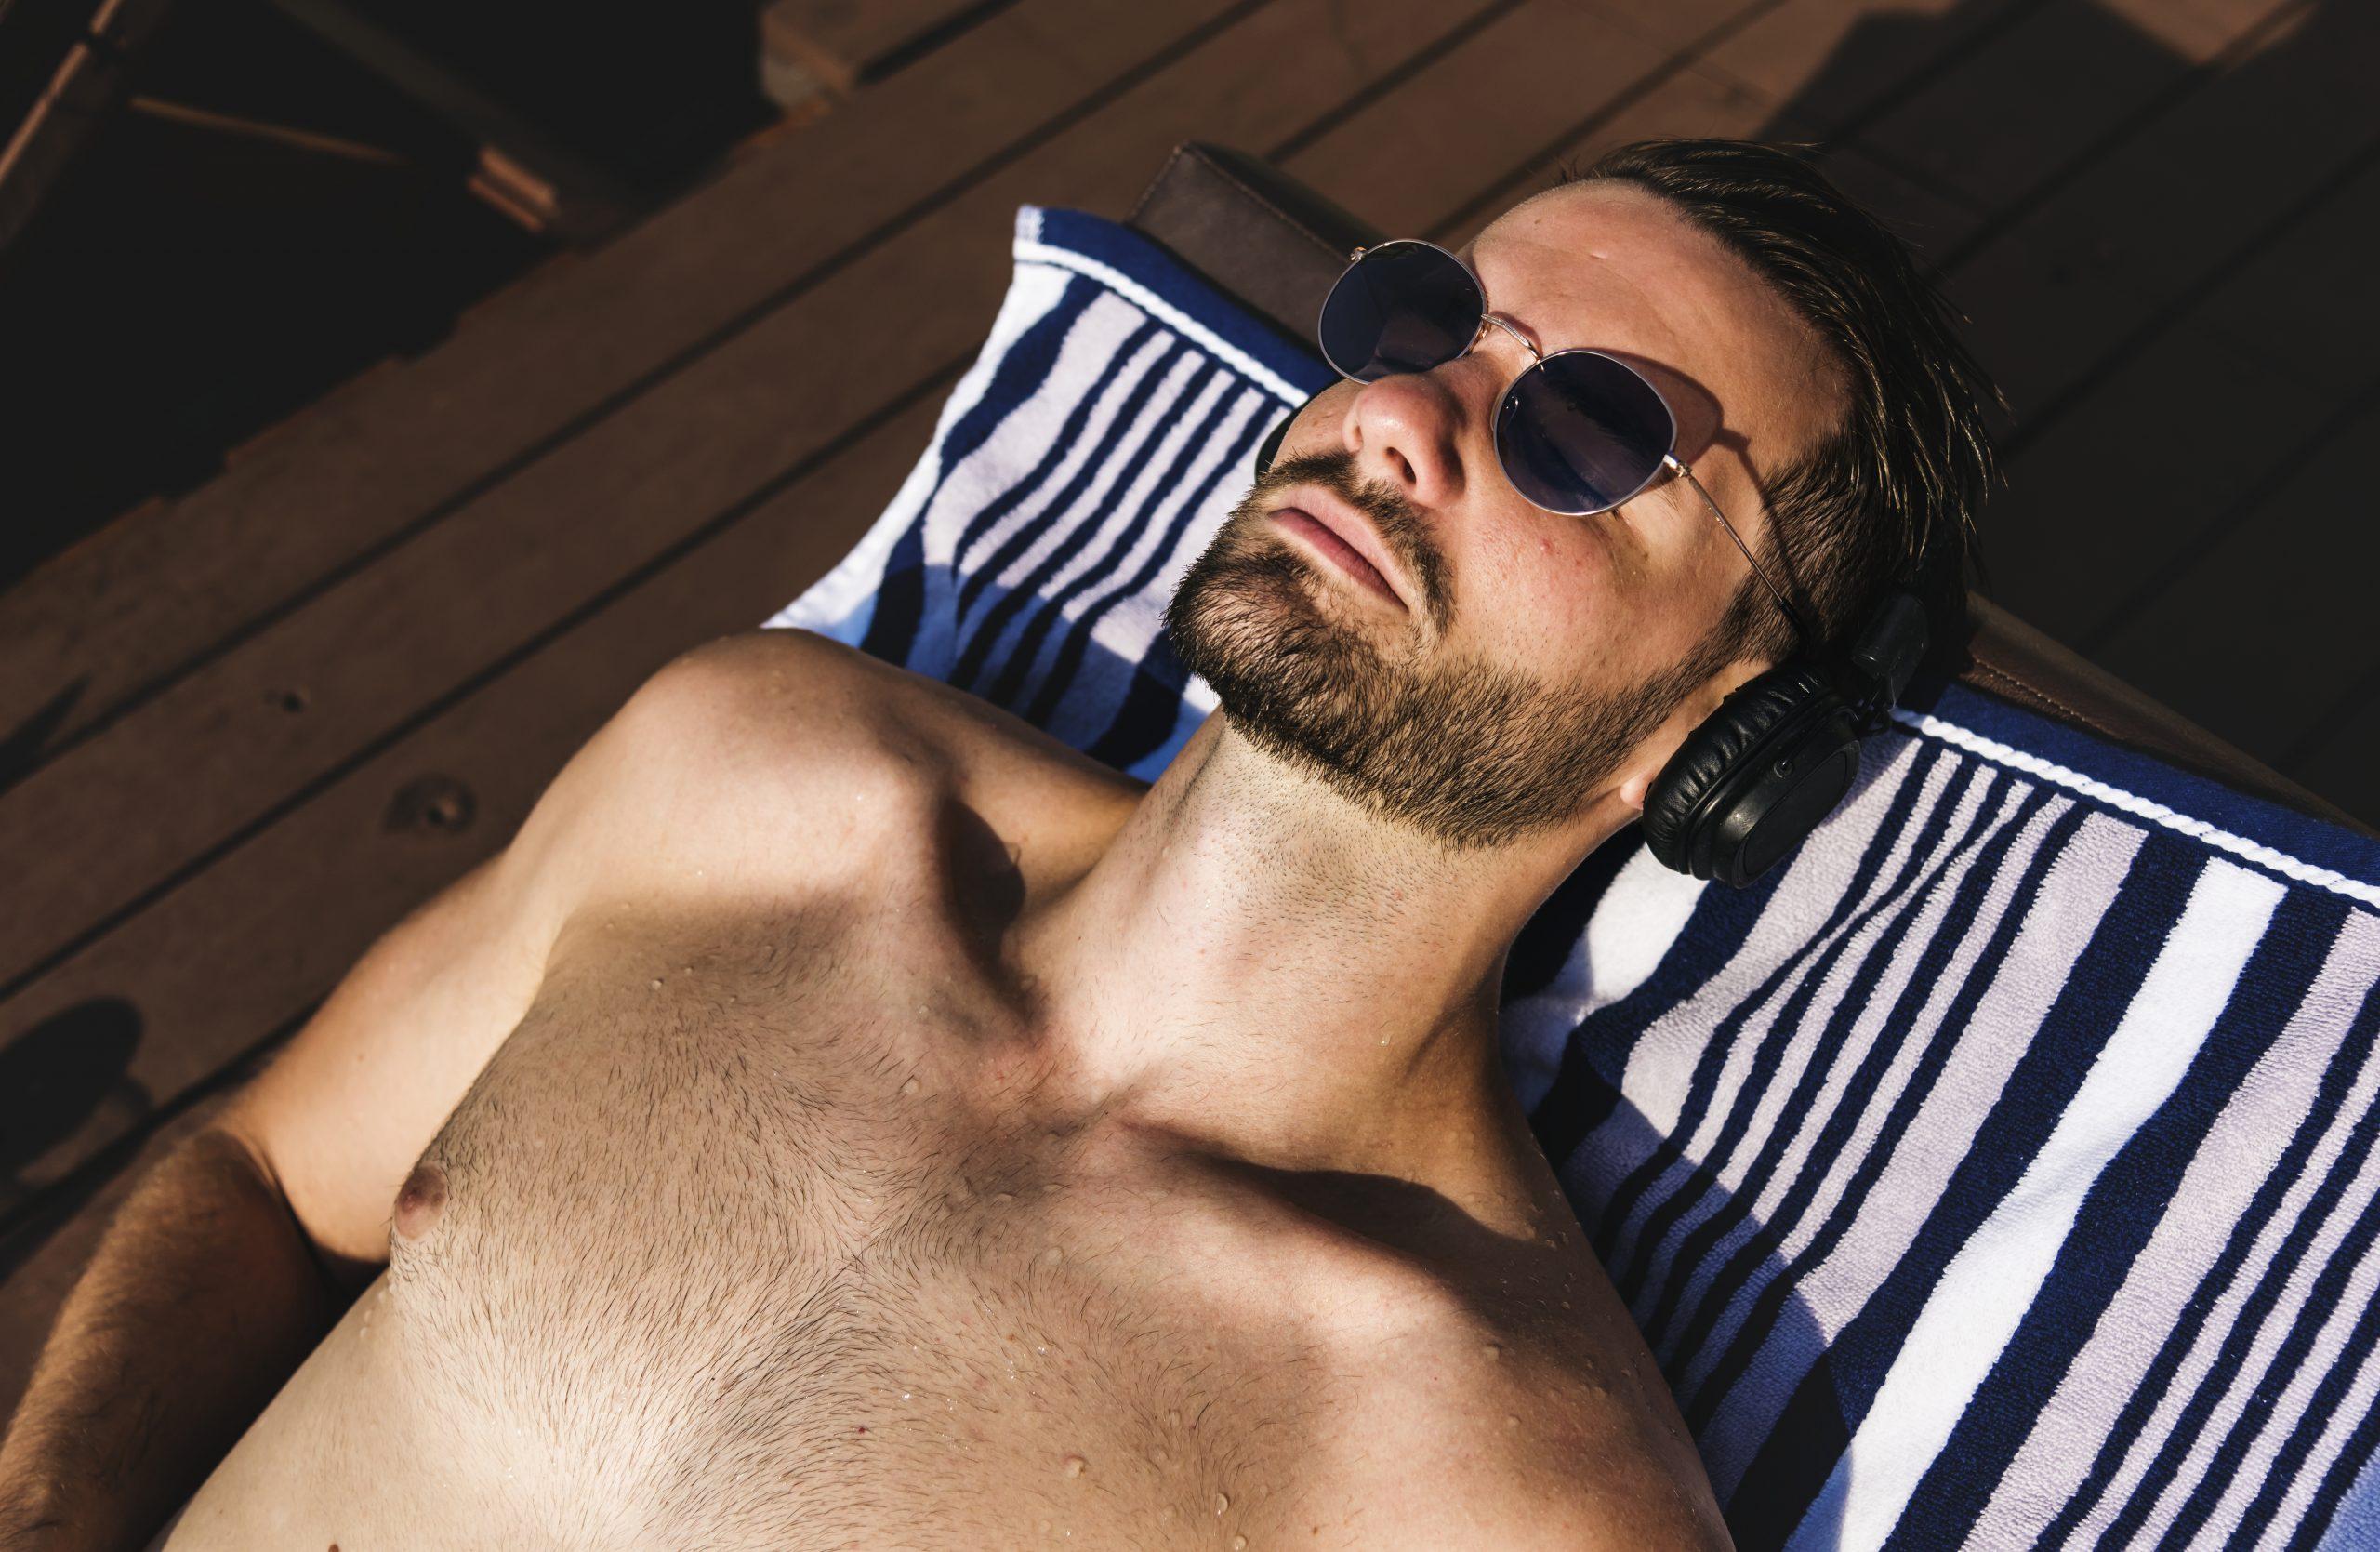 Man Getting His Tan On